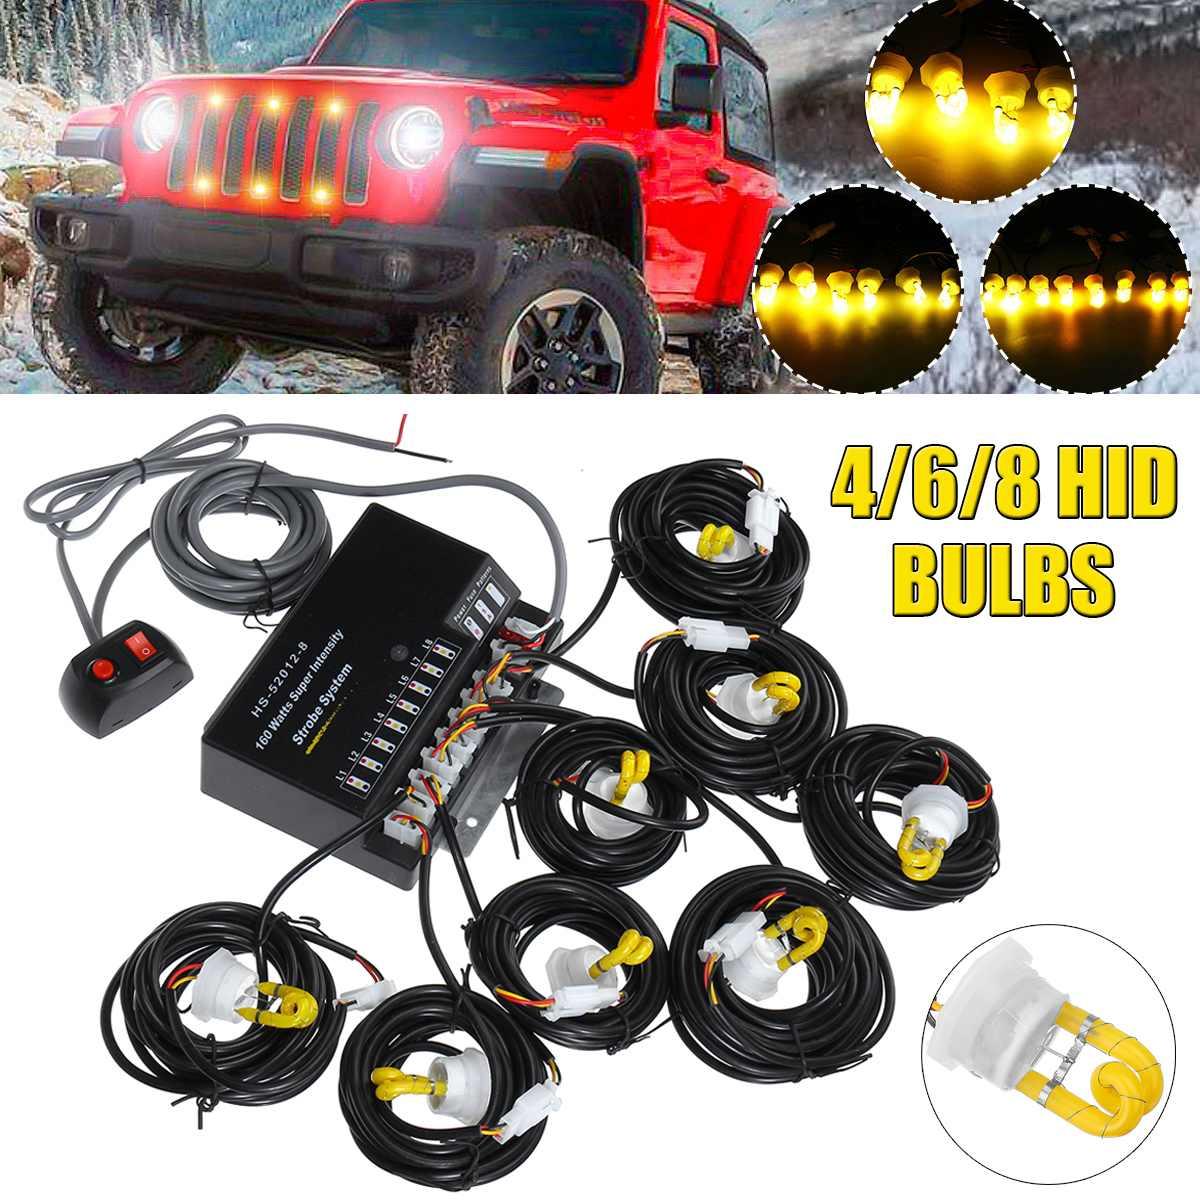 12V HID ampoules Kit de phare voiture cacher loin avertissement de danger d'urgence clignotant Kit de système de lumière stroboscopique E03676